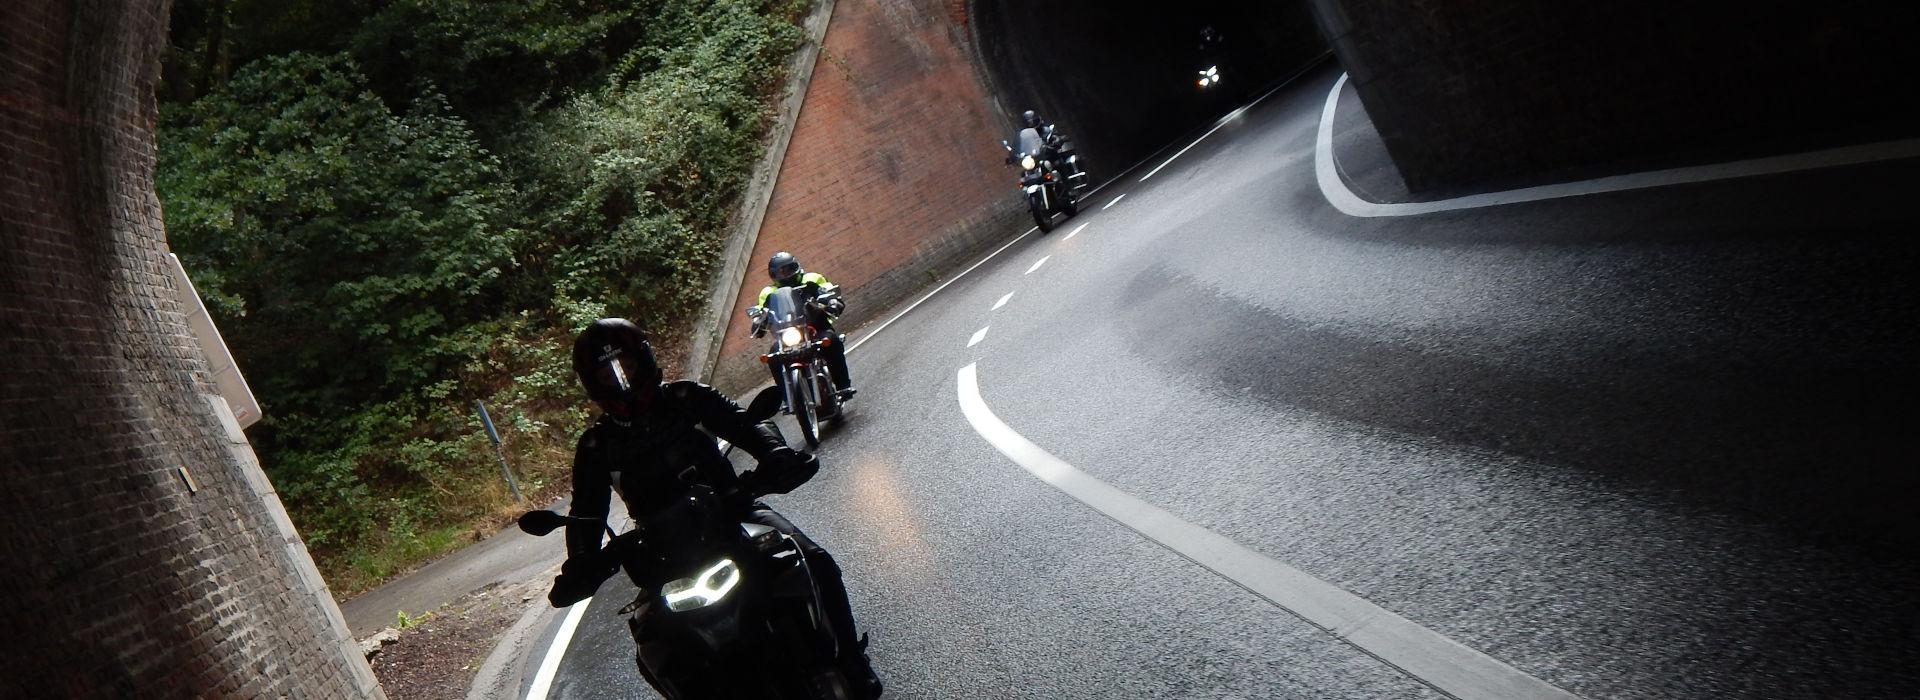 Motorrijbewijspoint Bemmel spoed motorrijbewijs